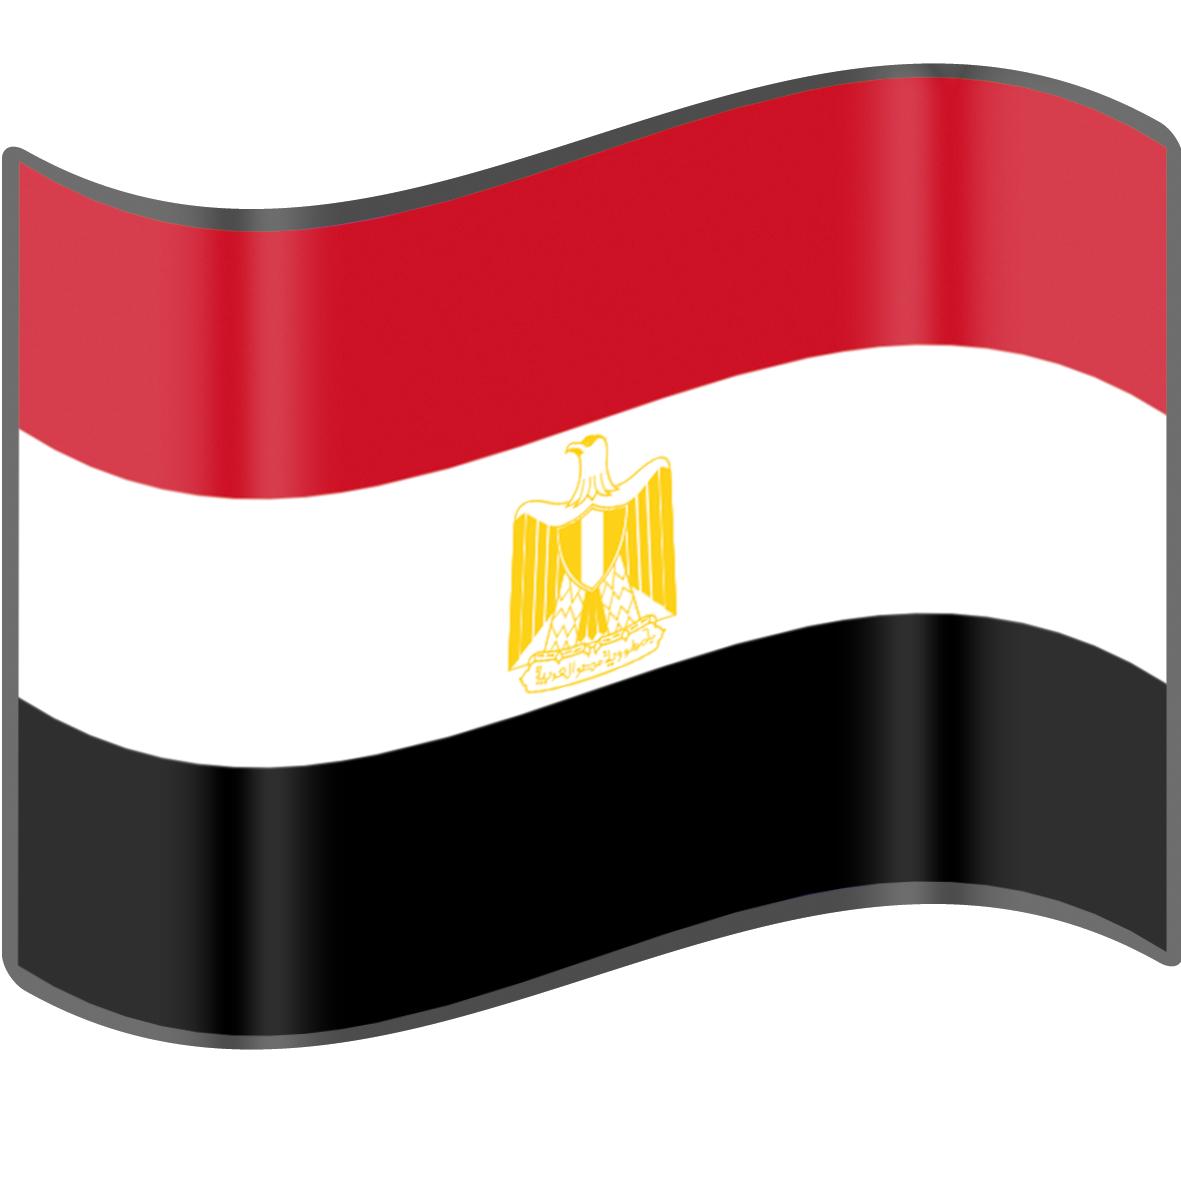 صورة علم مصر جديدة جميلة (1)